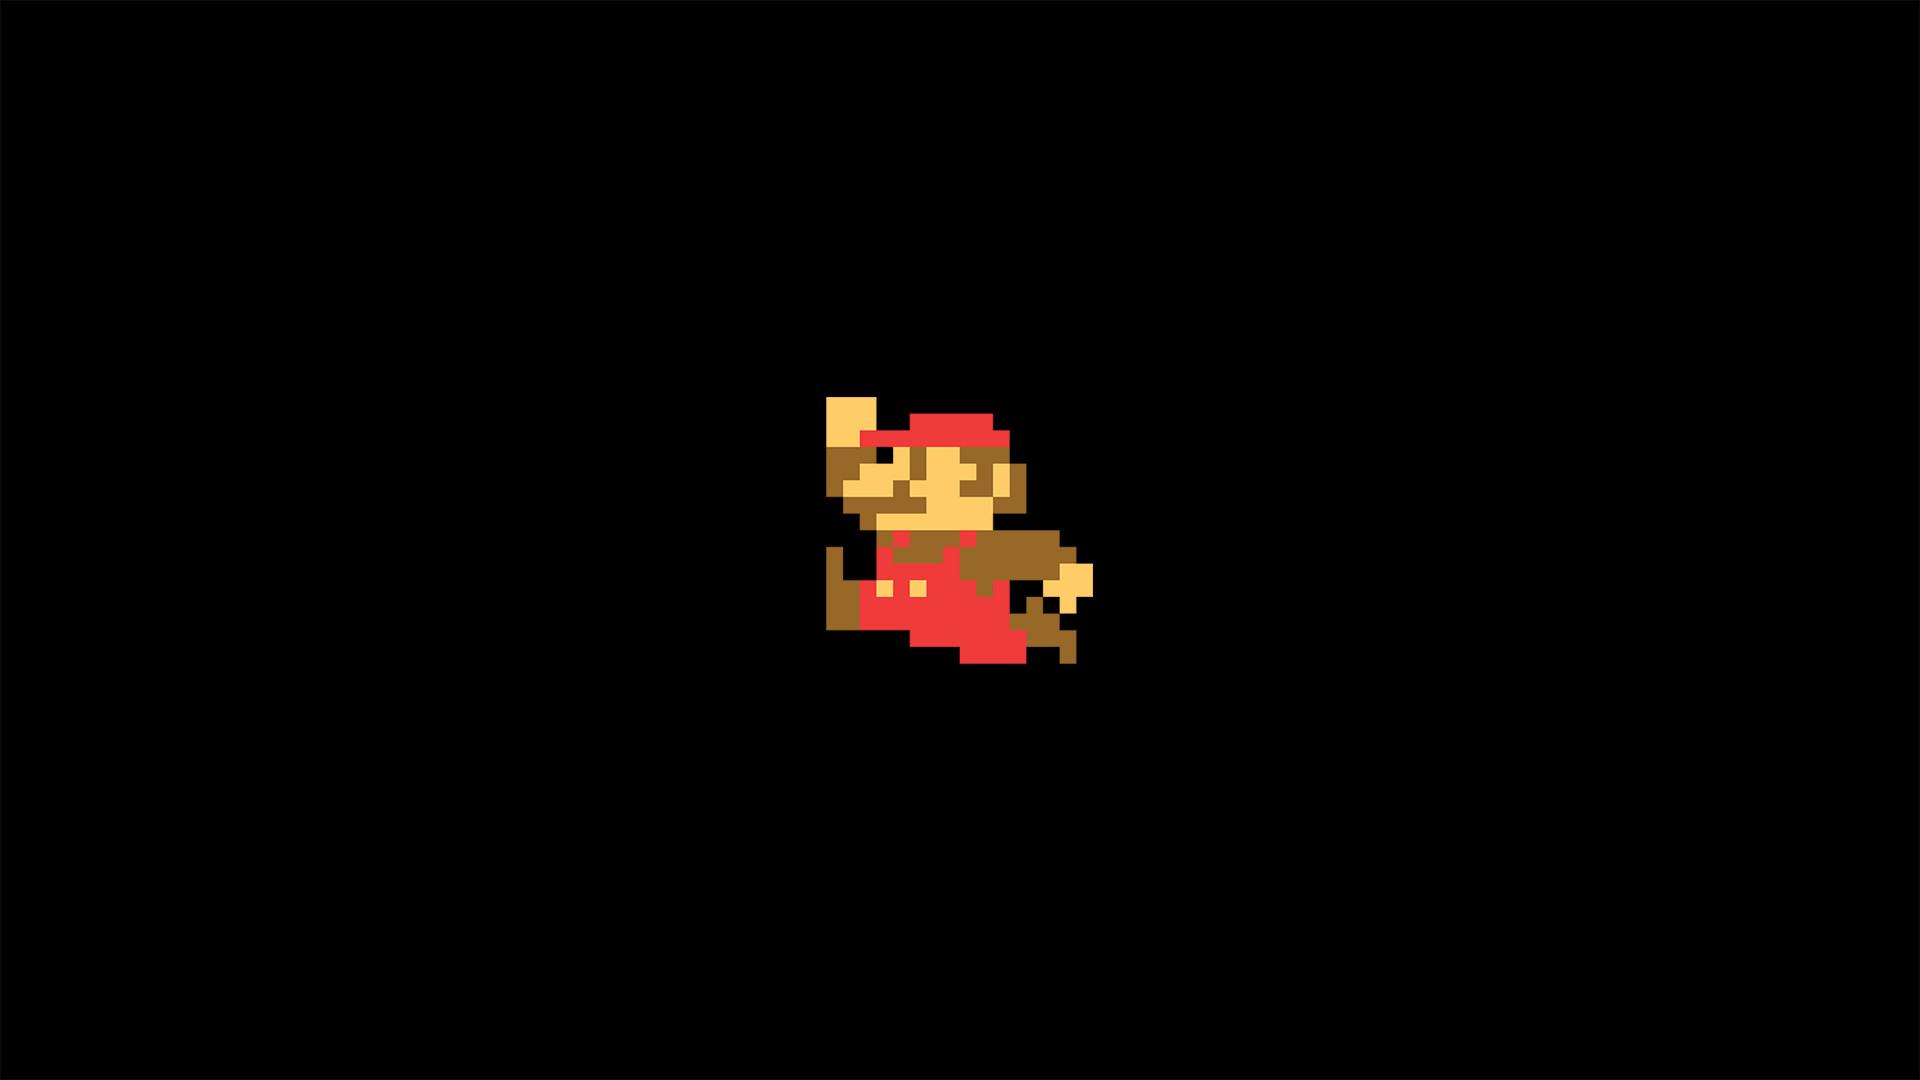 8 bit, Super Mario, Minimalism, Video Games, Pixels